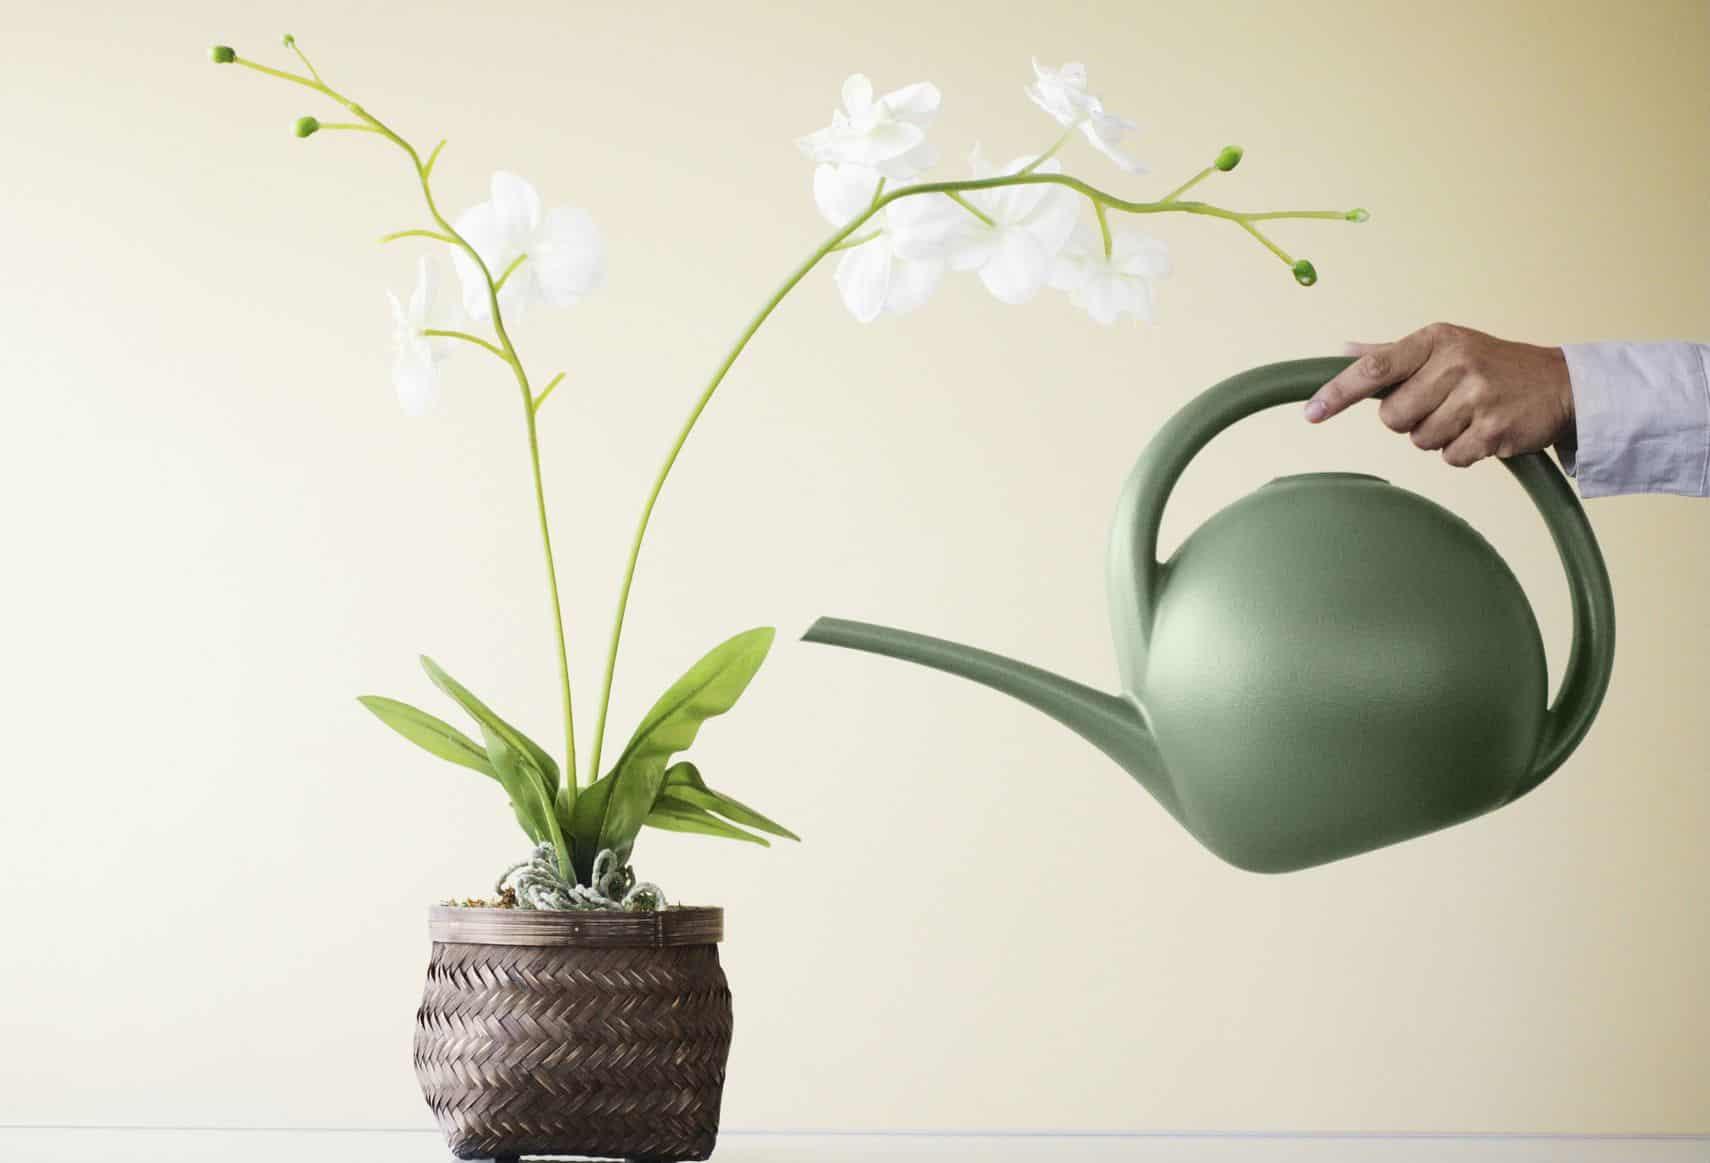 minha orquídea está morrendo por falta de água